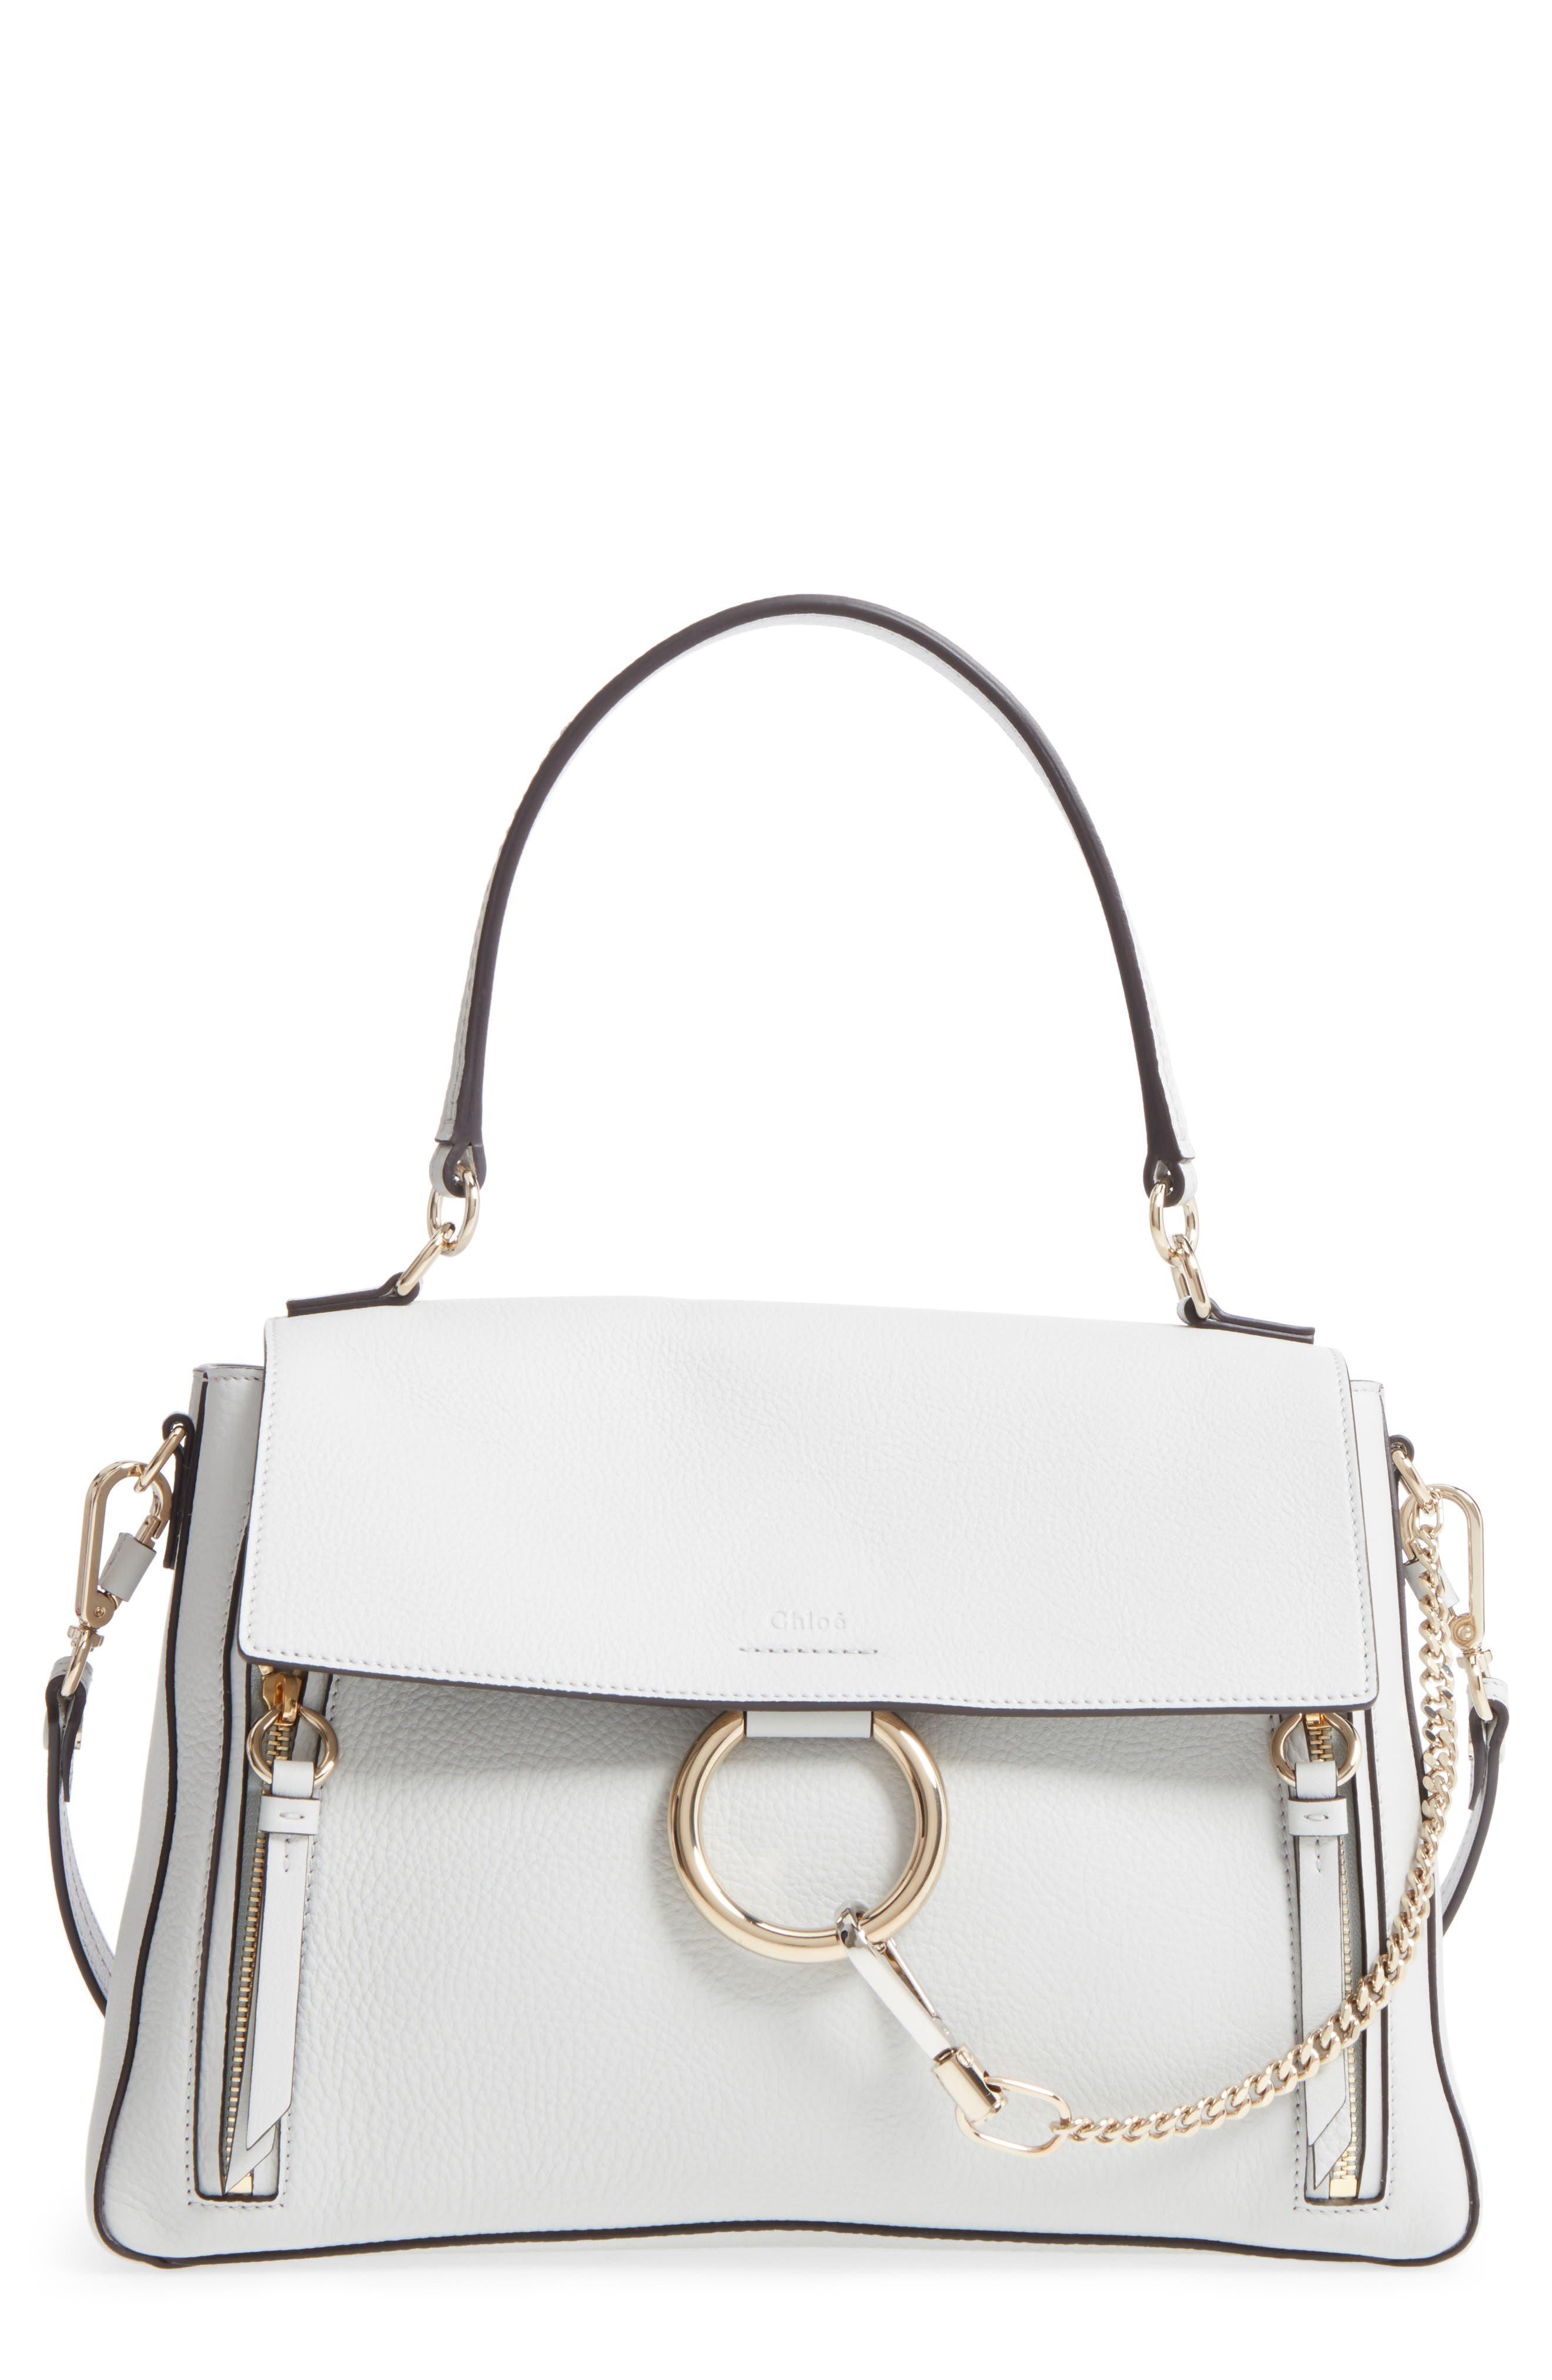 Alternate Image 1 Selected - Chloé Medium Faye Leather Shoulder Bag